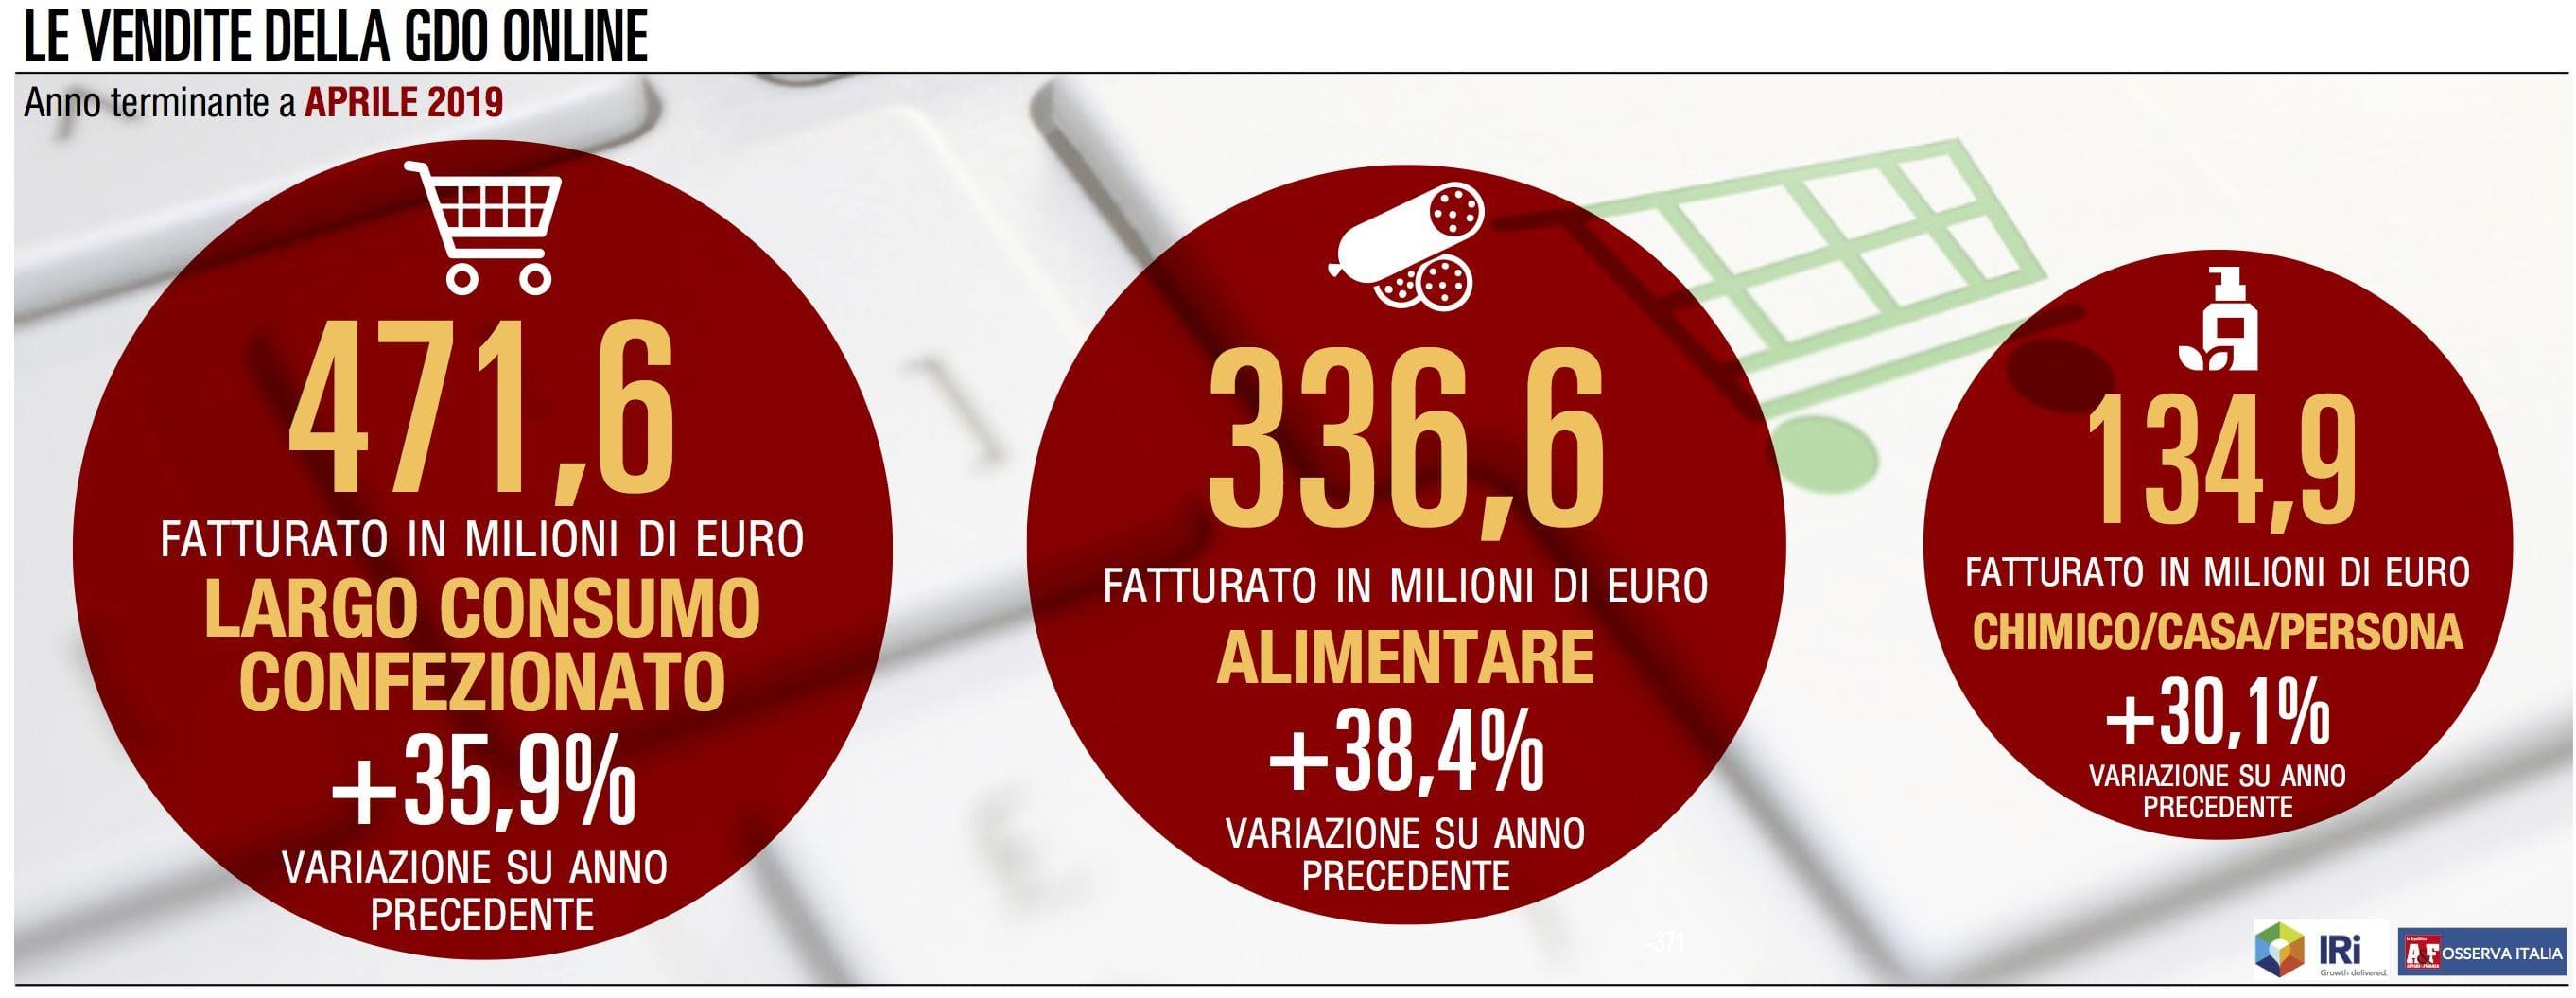 Le vendite online della Gdo accelerano ad aprile